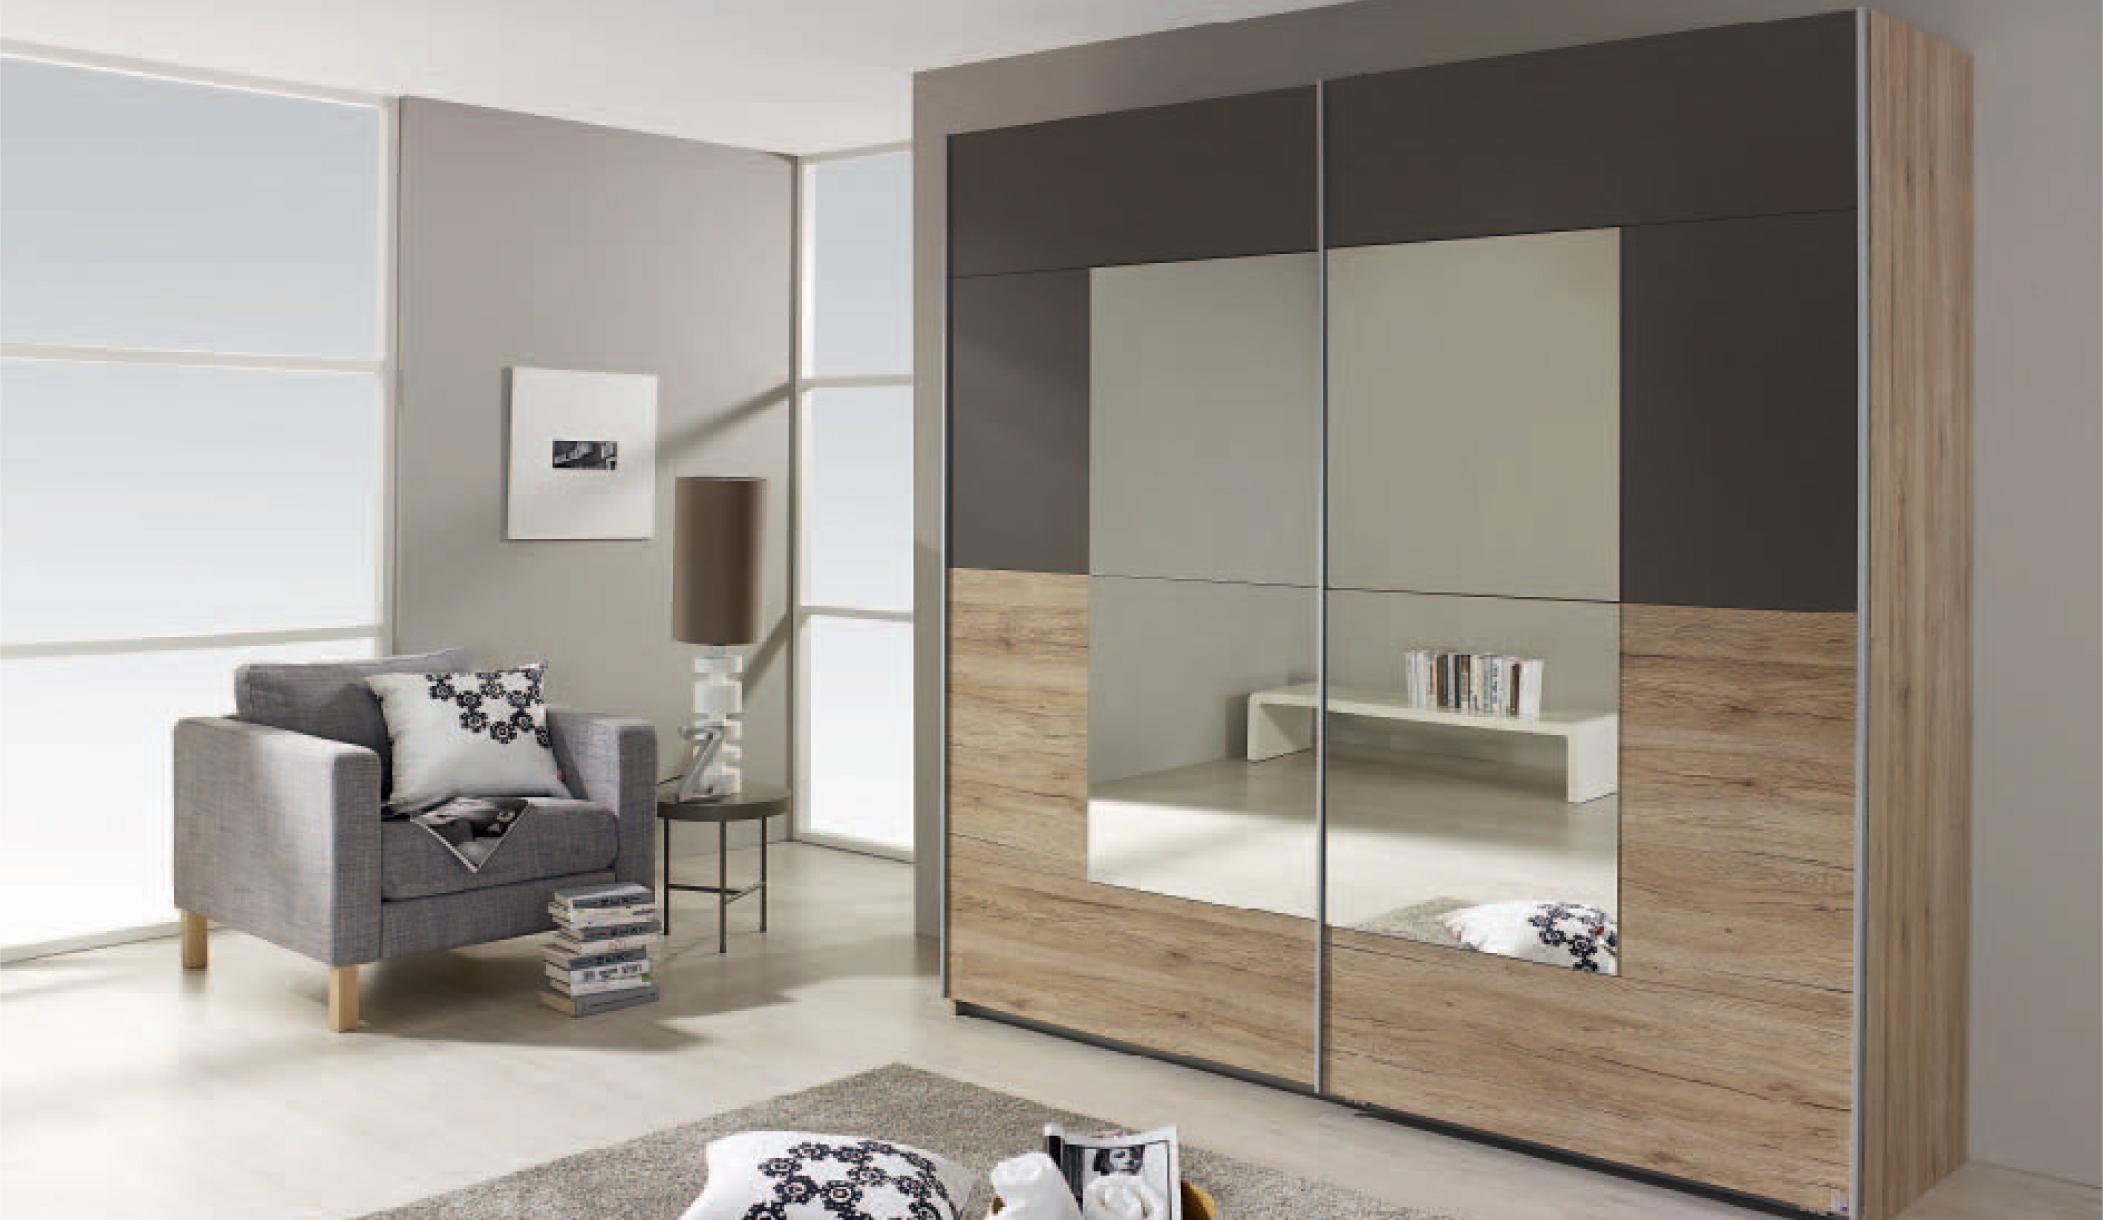 Sliding Doors For Bedroom Wardrobes2104 X 1220